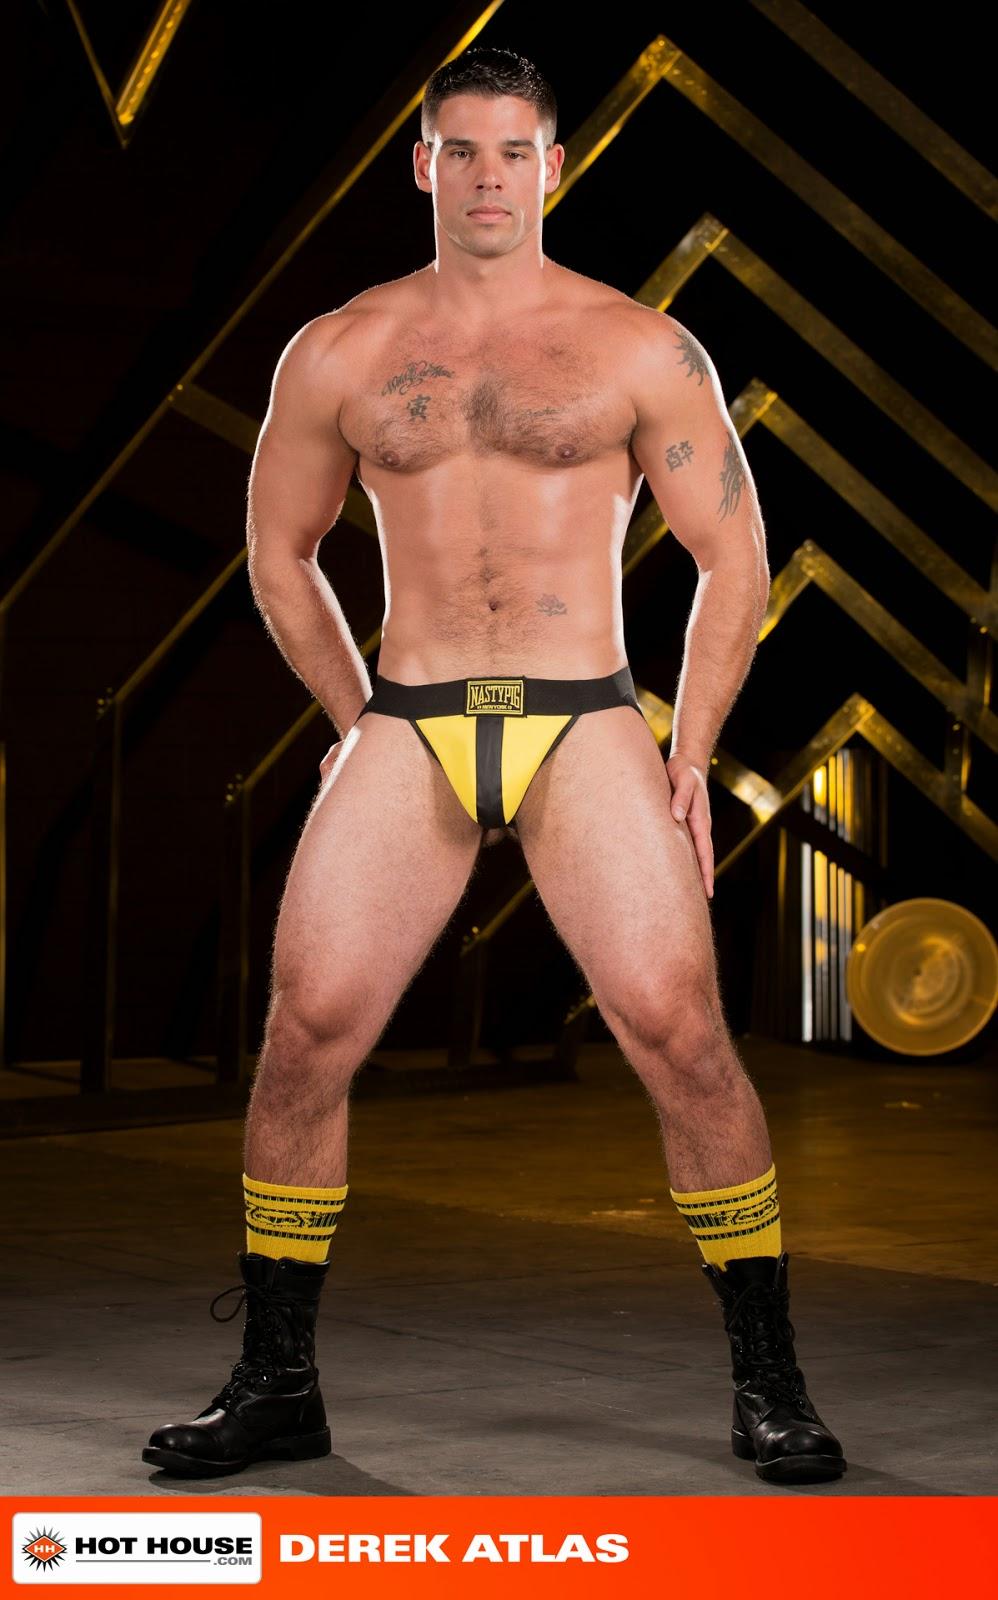 Nude butt playboy